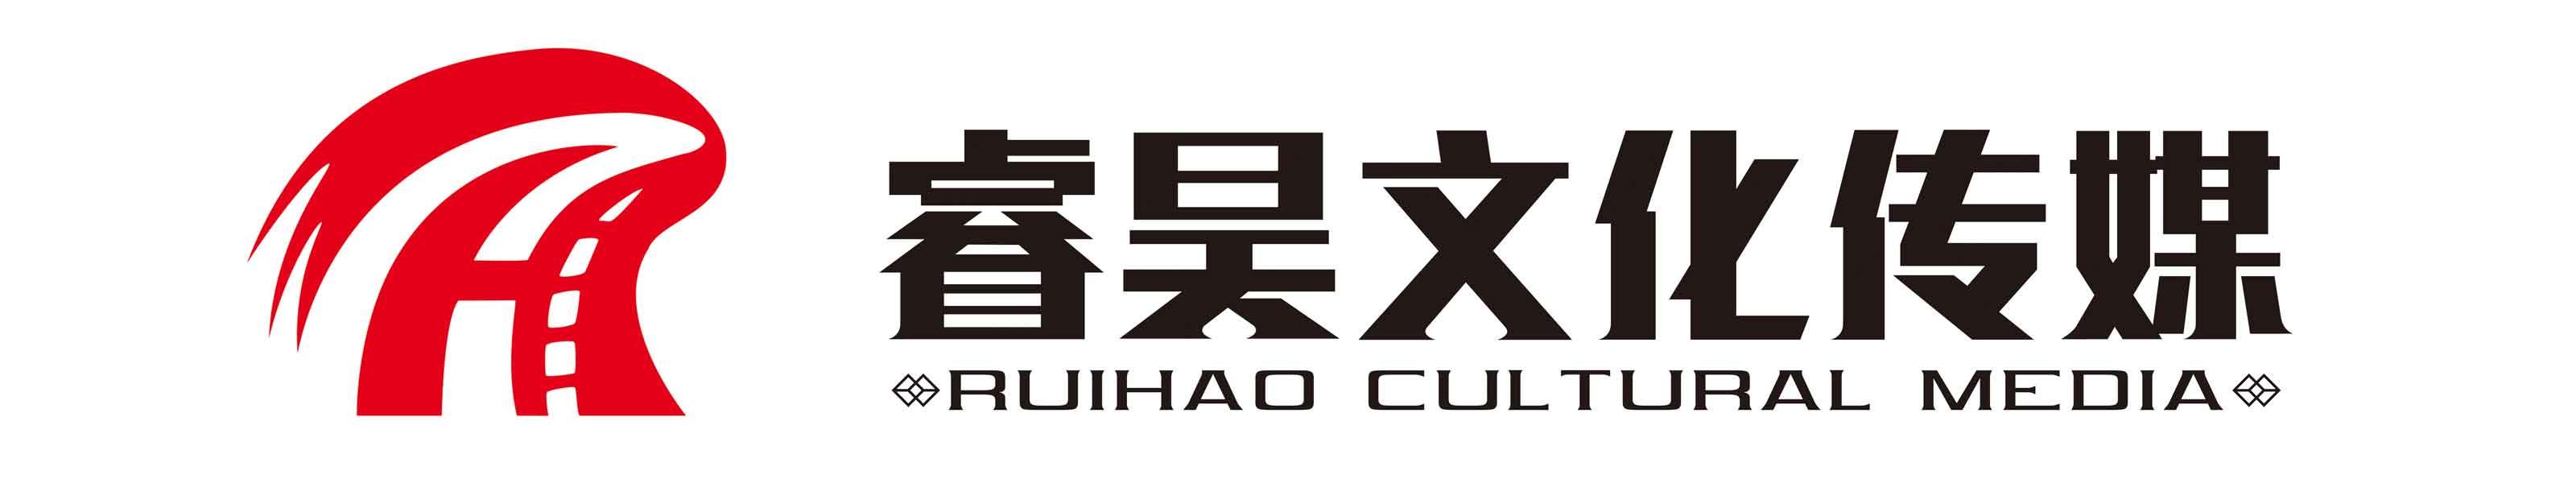 重庆睿昊文化传媒有限澳门赌场网站